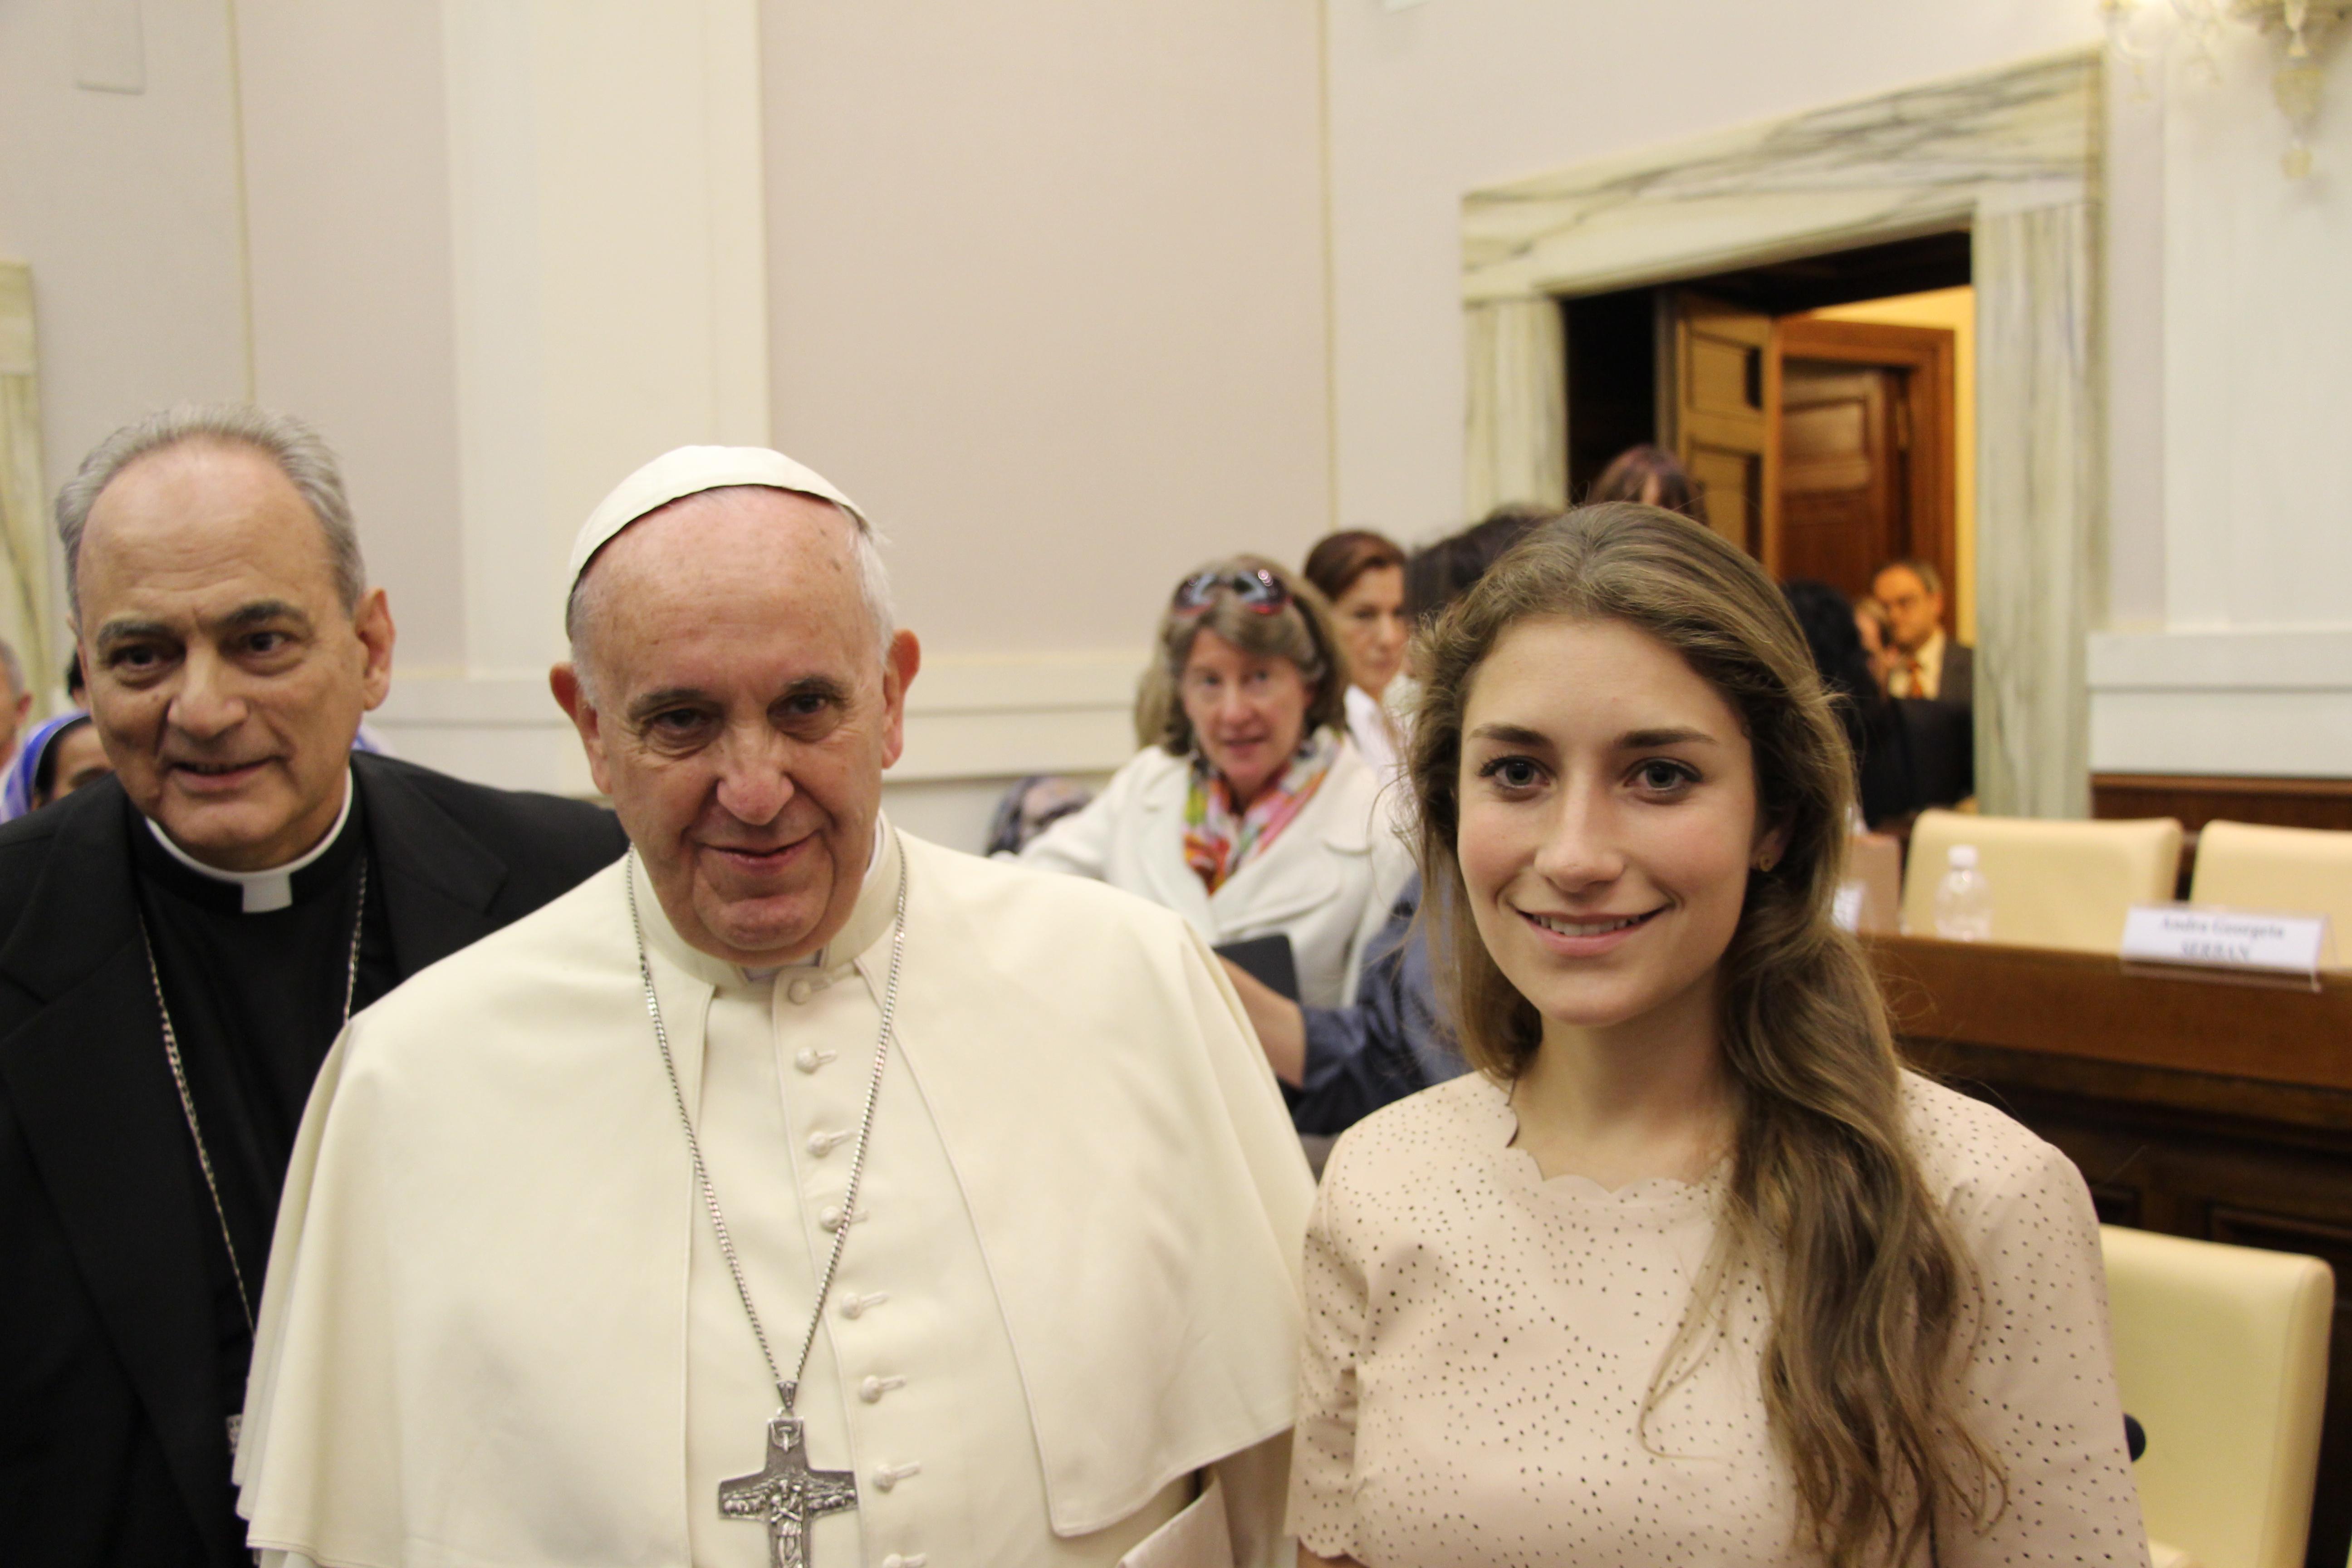 El papa Francisco, monseñor Sánchez Sorondo, canciller academia de las Ciencias del Vaticano y Mariana Ruenes, ONG, Sintrata